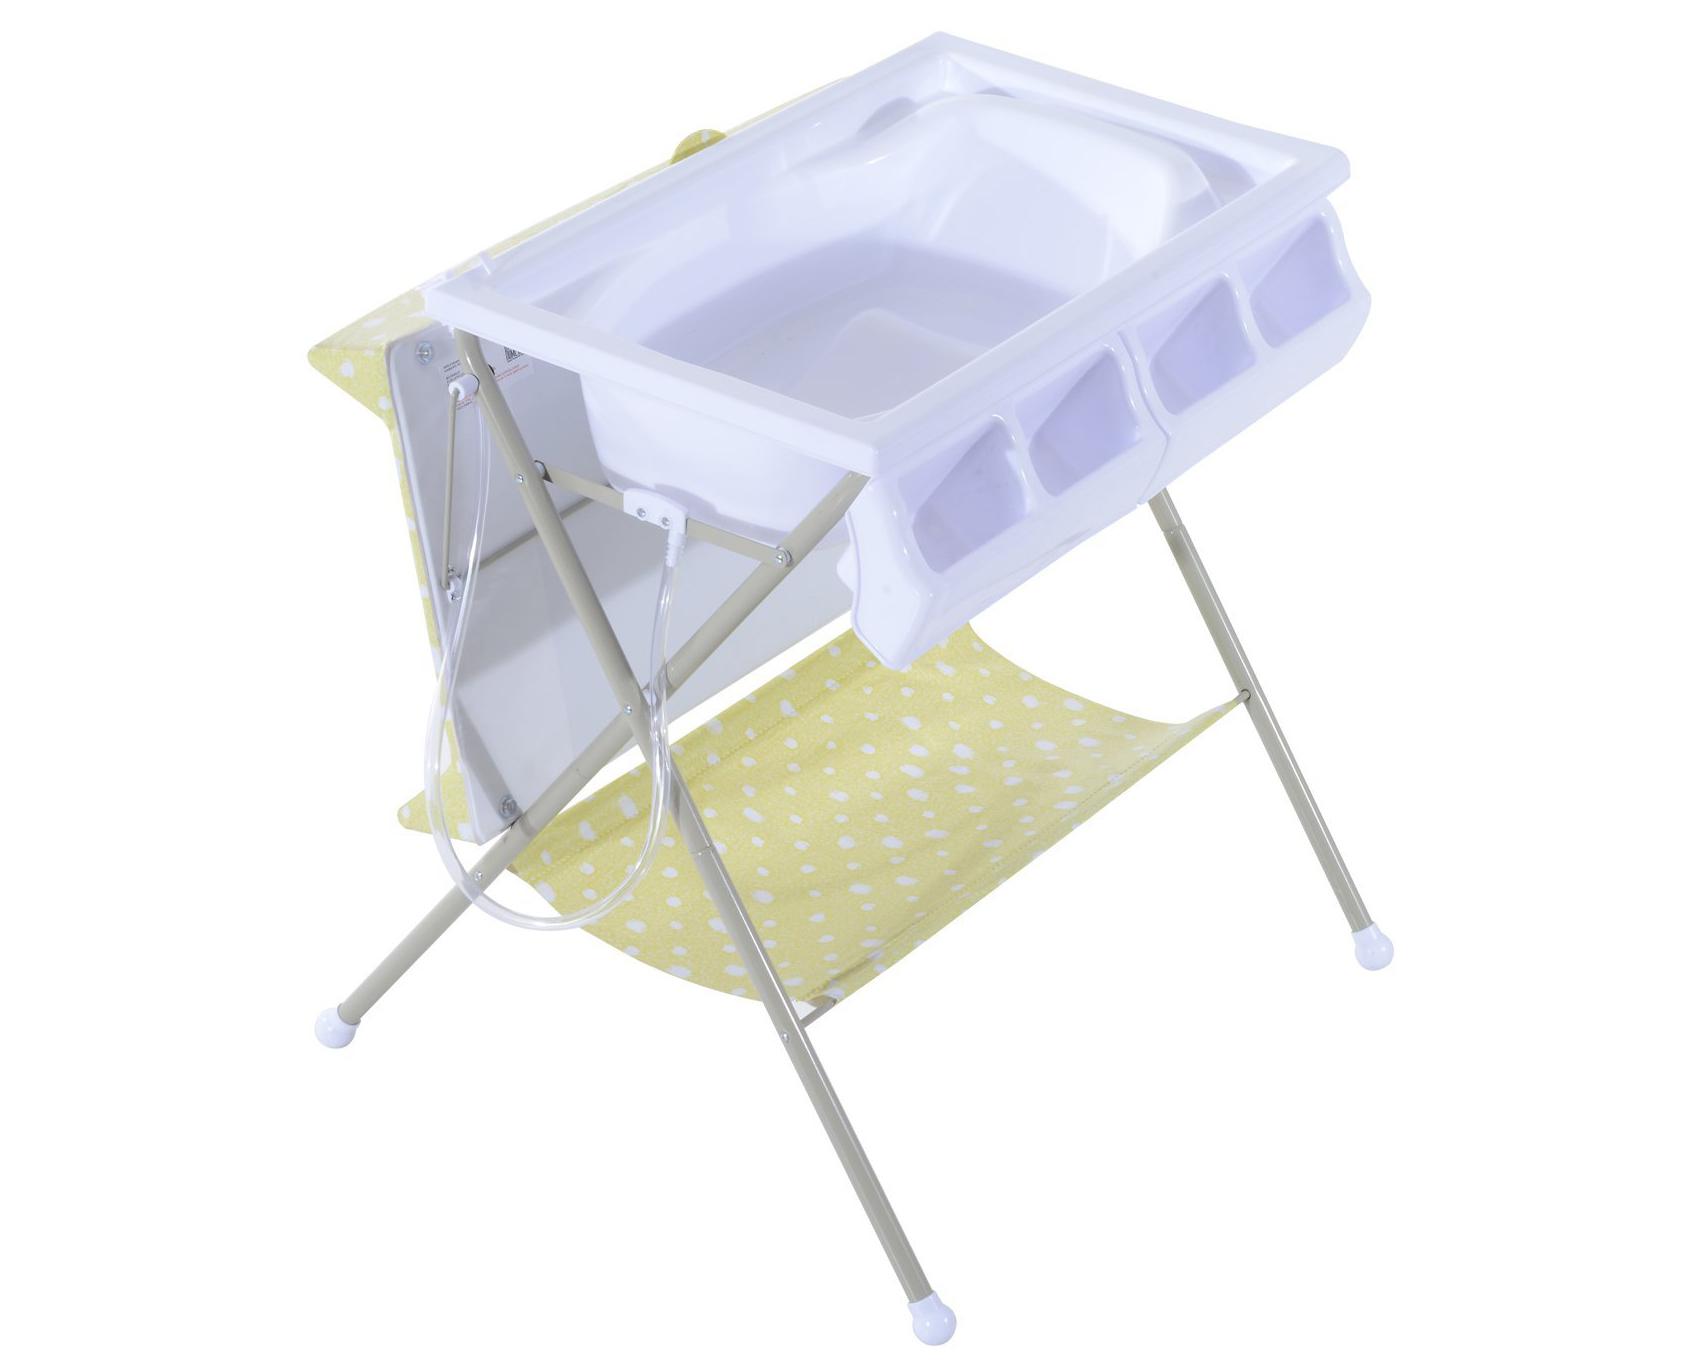 Fasciatoio con vaschetta bagnetto per neonati di Homcom